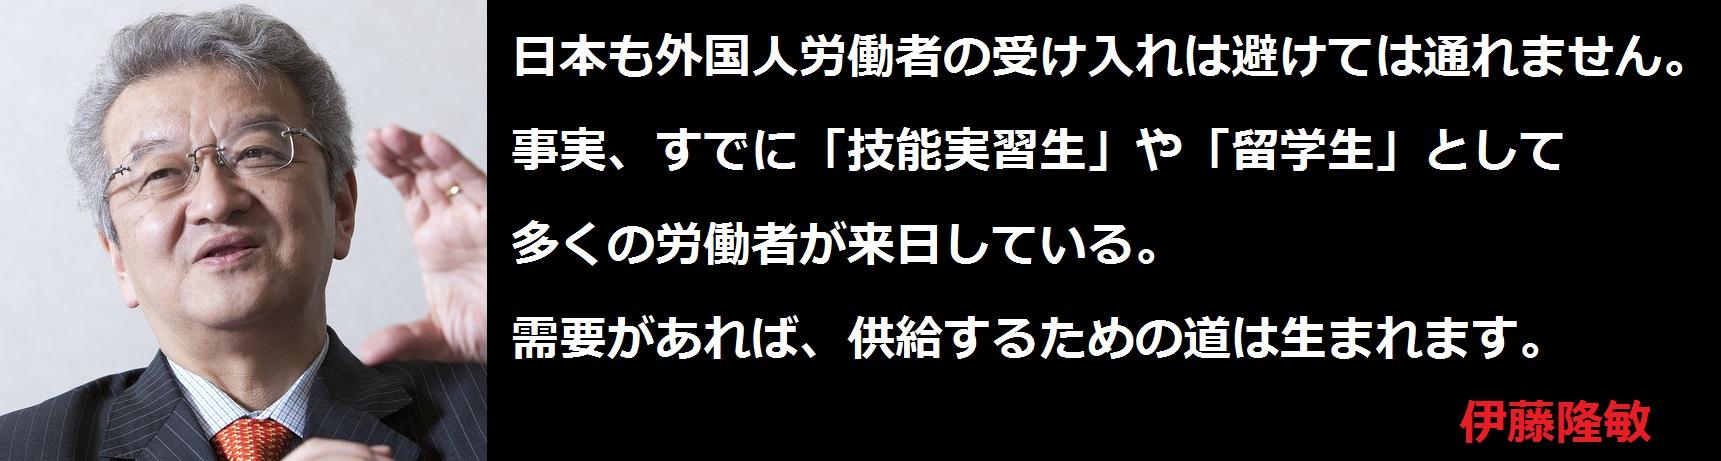 f:id:JAPbuster:20170224163729j:plain